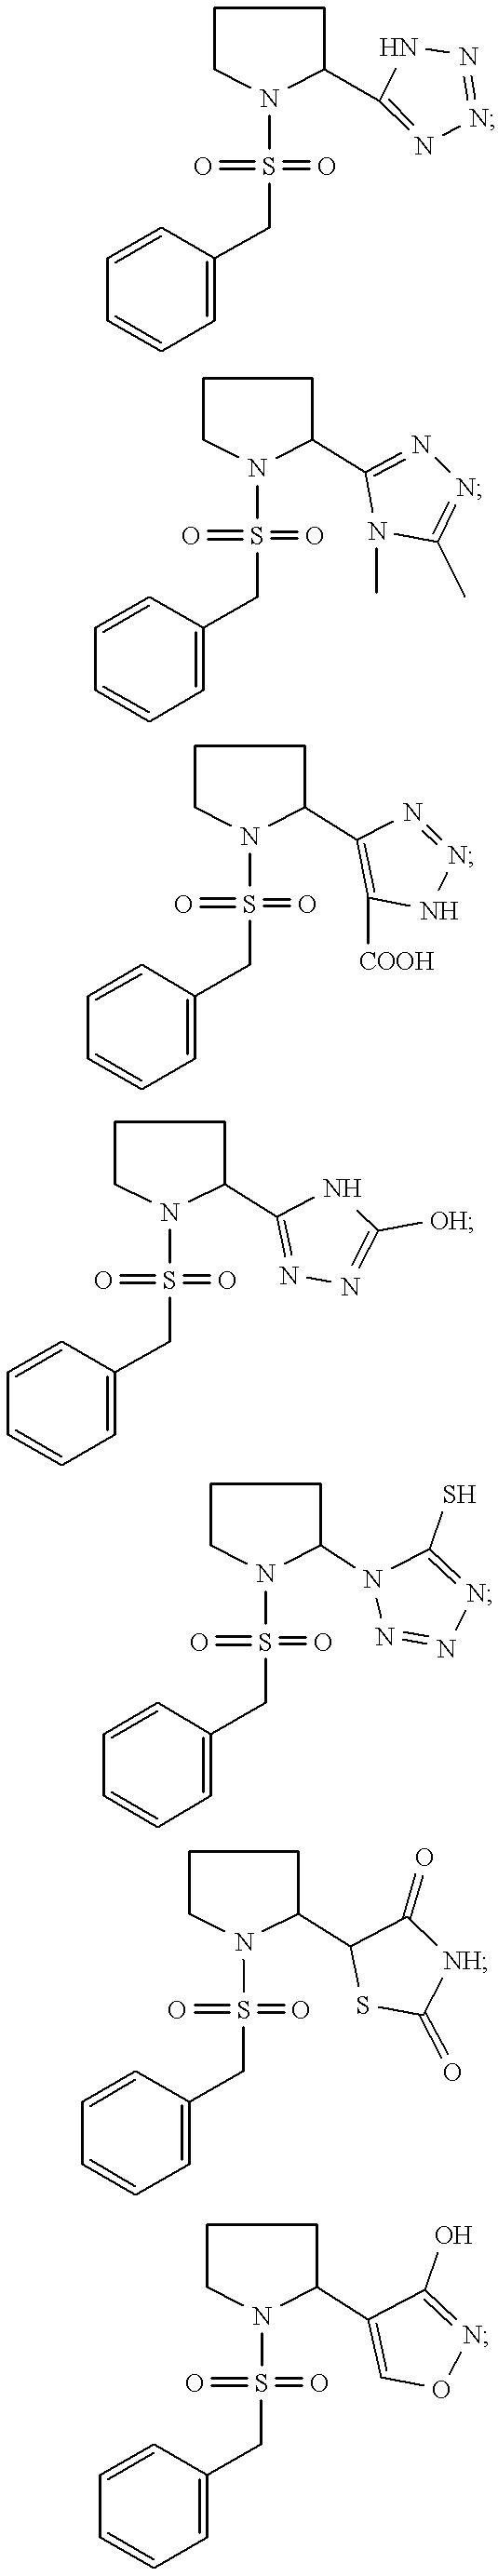 Figure US06339101-20020115-C00053